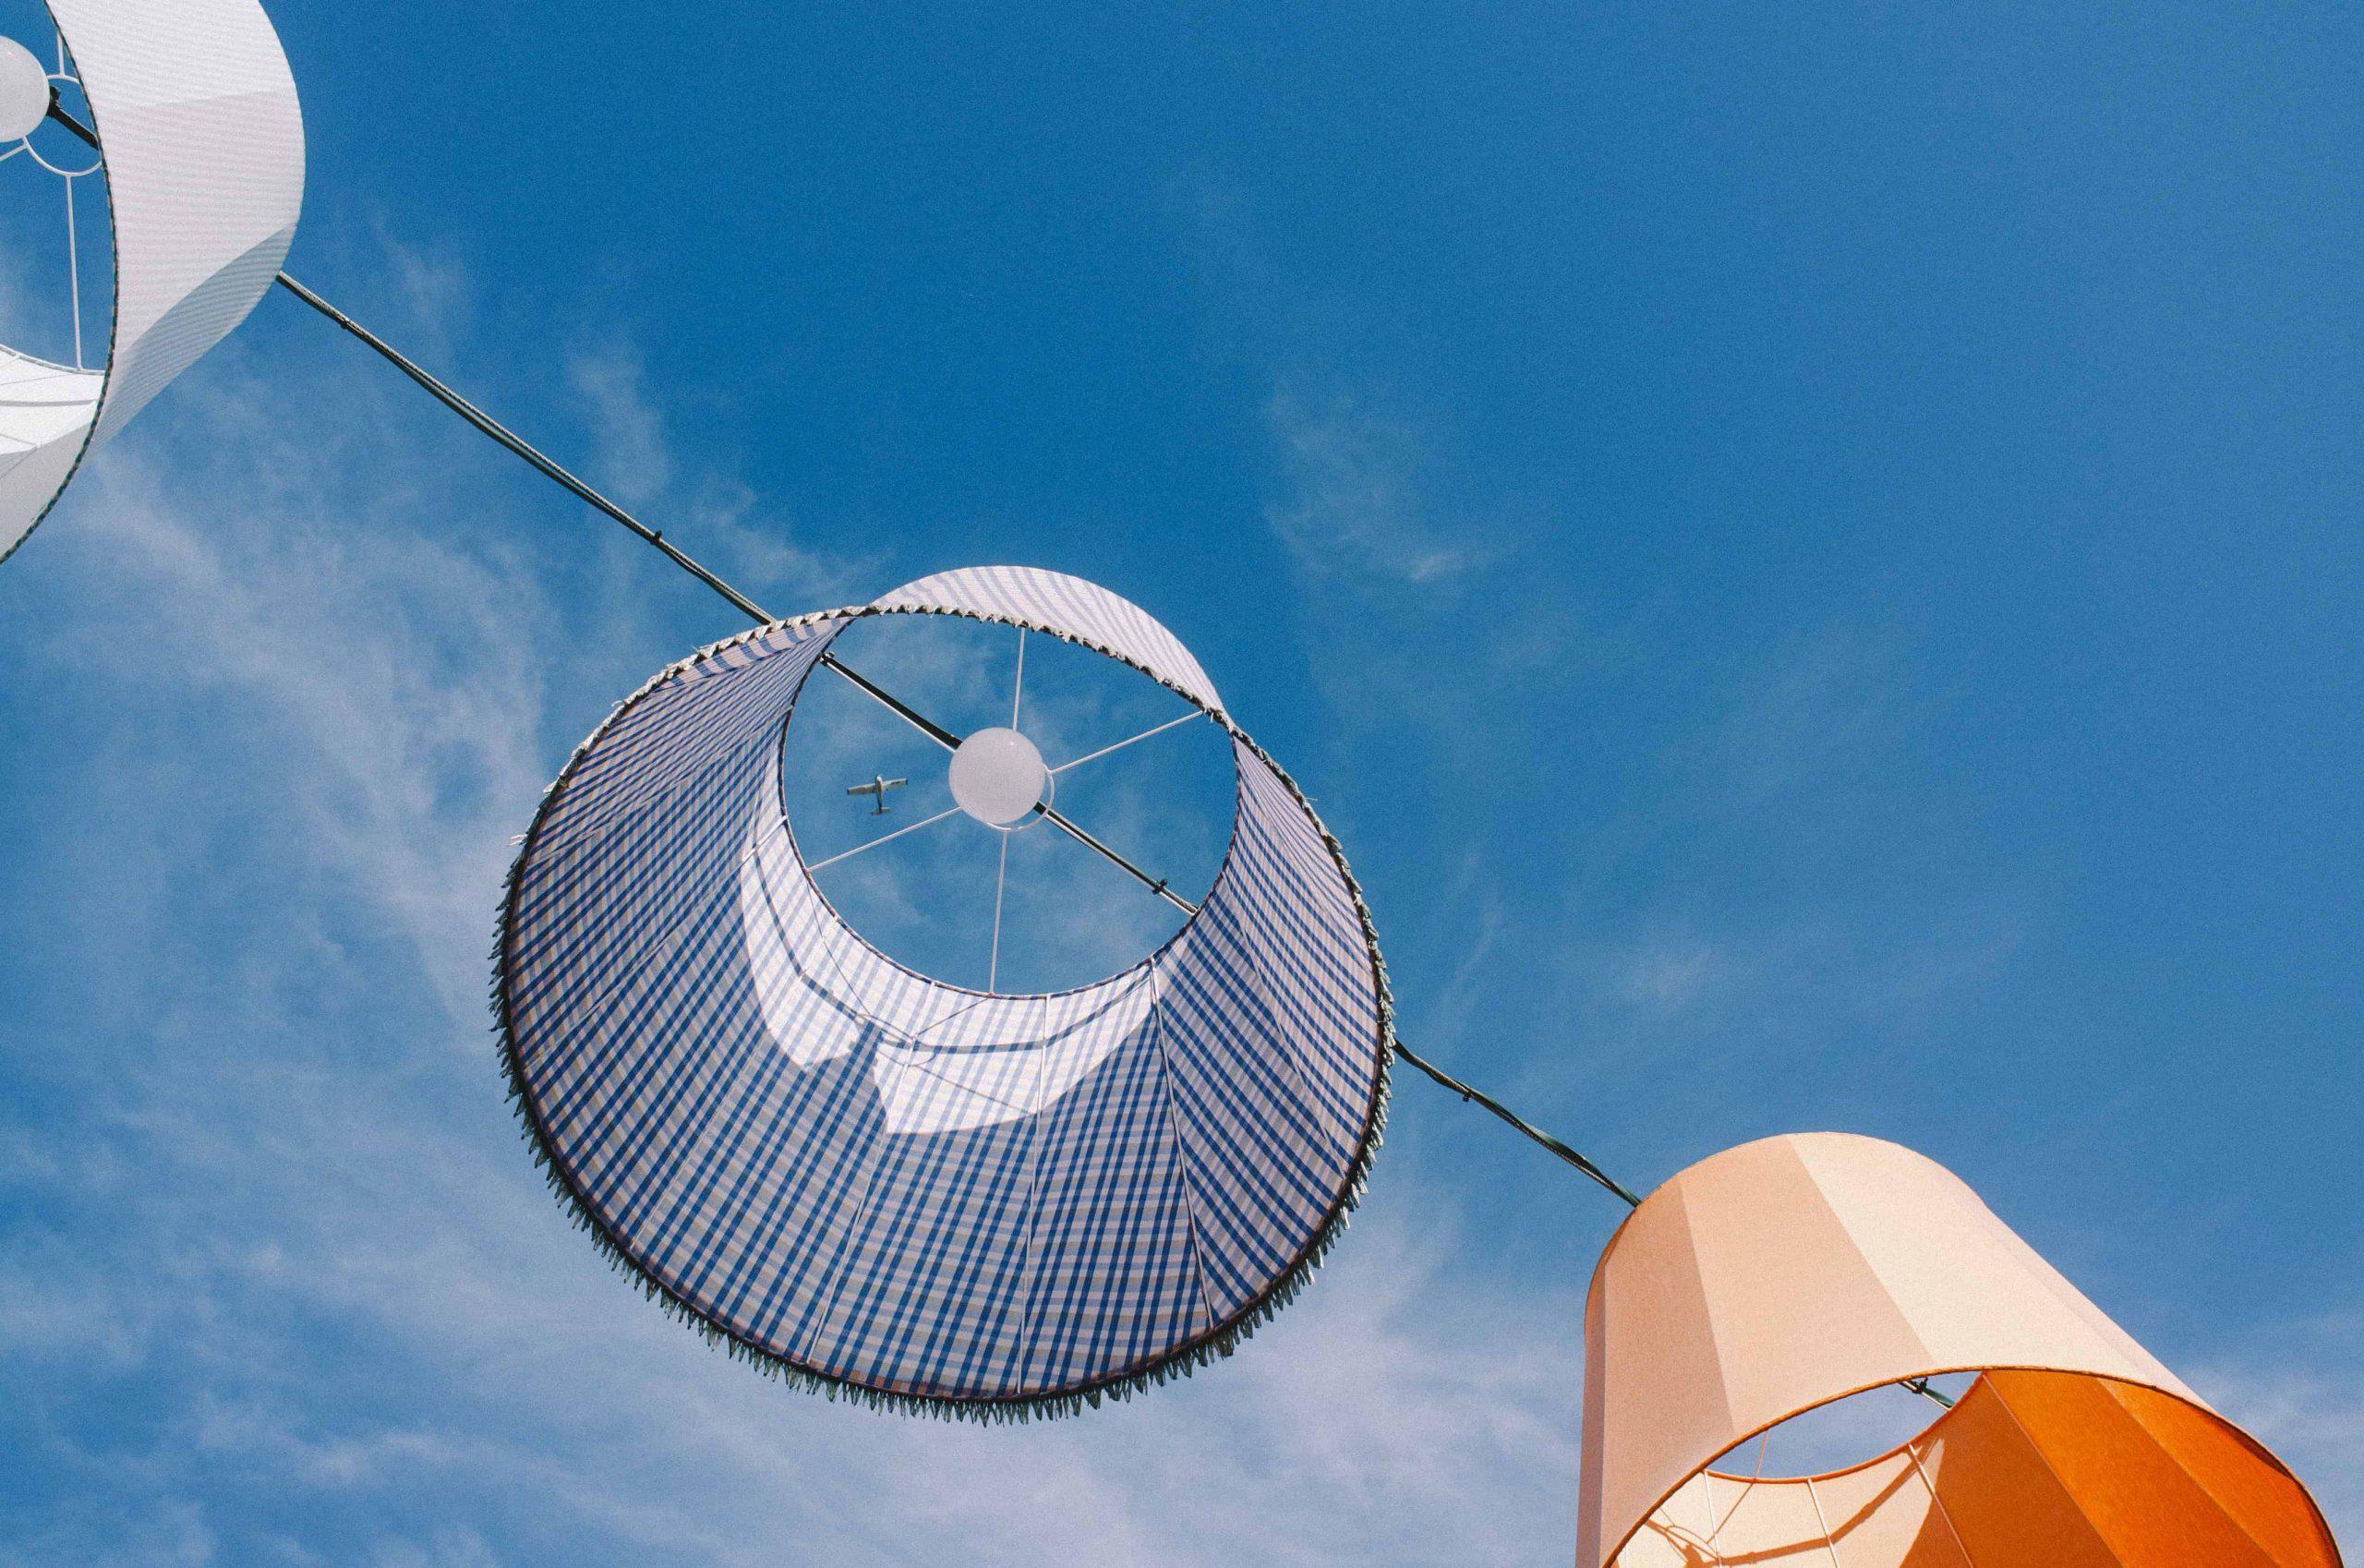 Tageslichtlampe: Test & Empfehlungen (03/21)